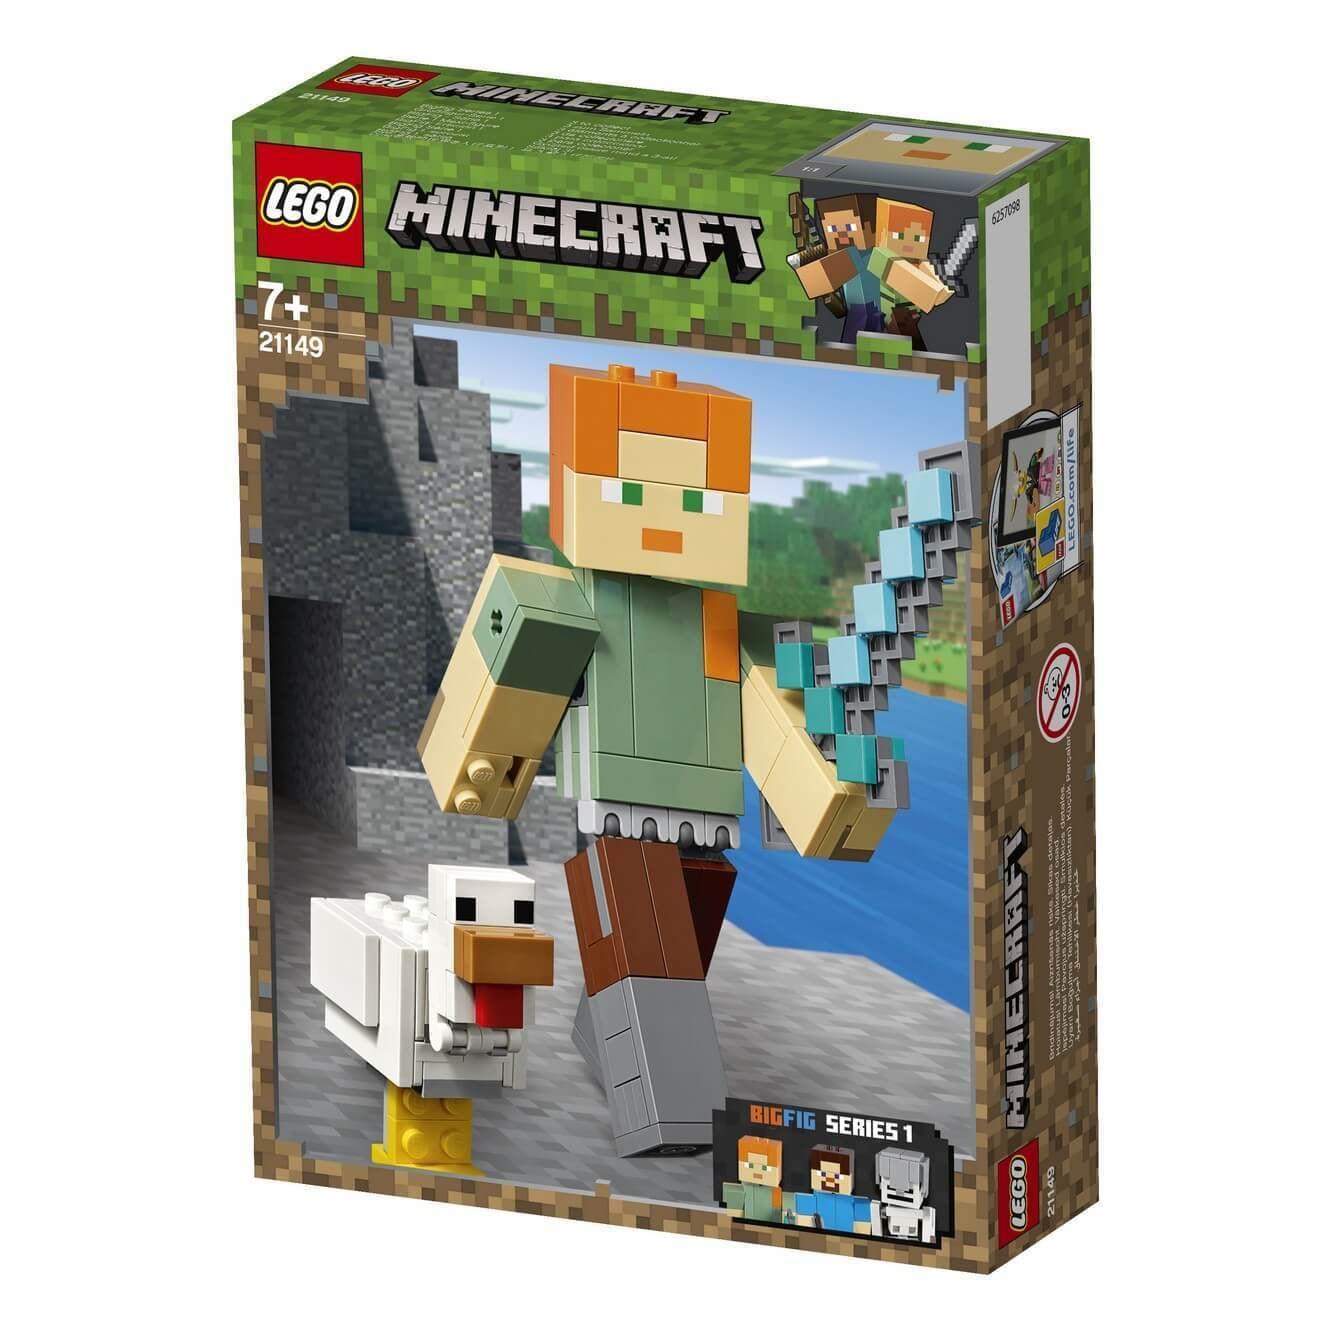 Lego 21149 Minecraft Bigfig Alex